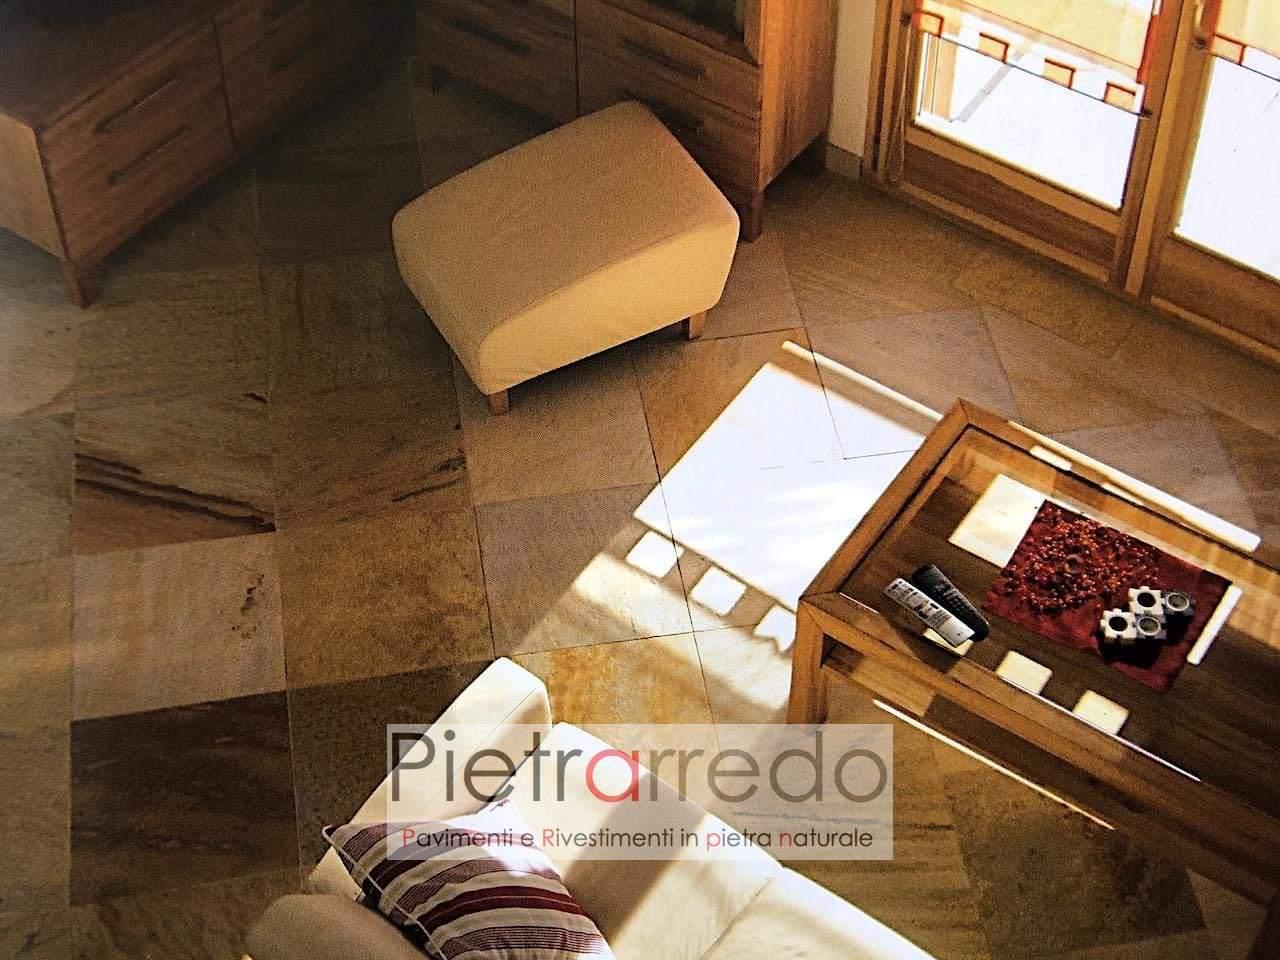 offerta pavimento pietra quarzite gialla brasiliana cave gontero prezzo costi offerte pietrarredo milano spa piscine